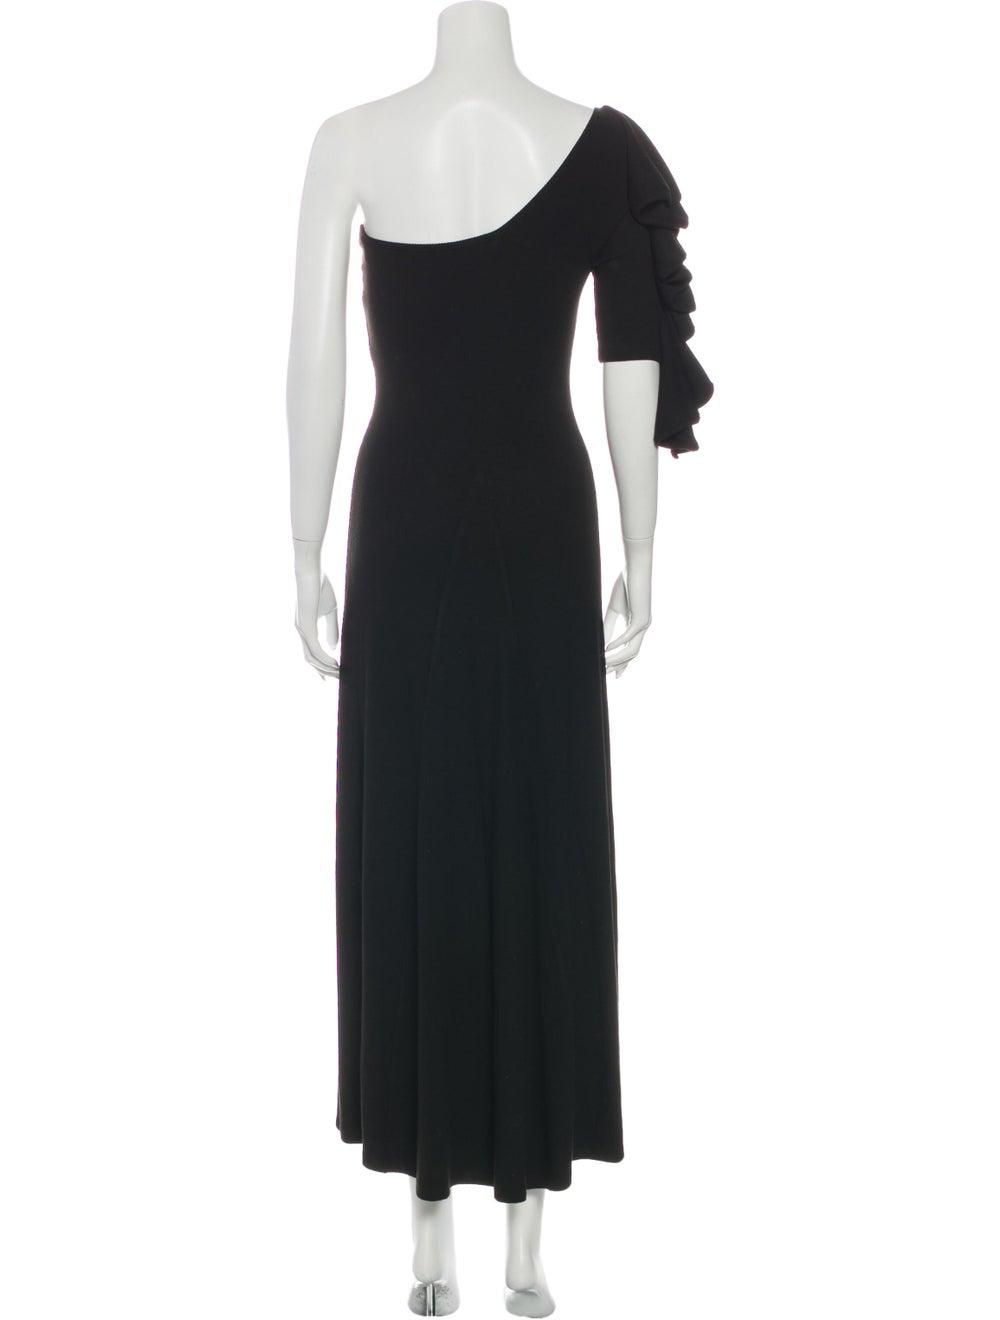 Beaufille One-Shoulder Long Dress Black - image 3